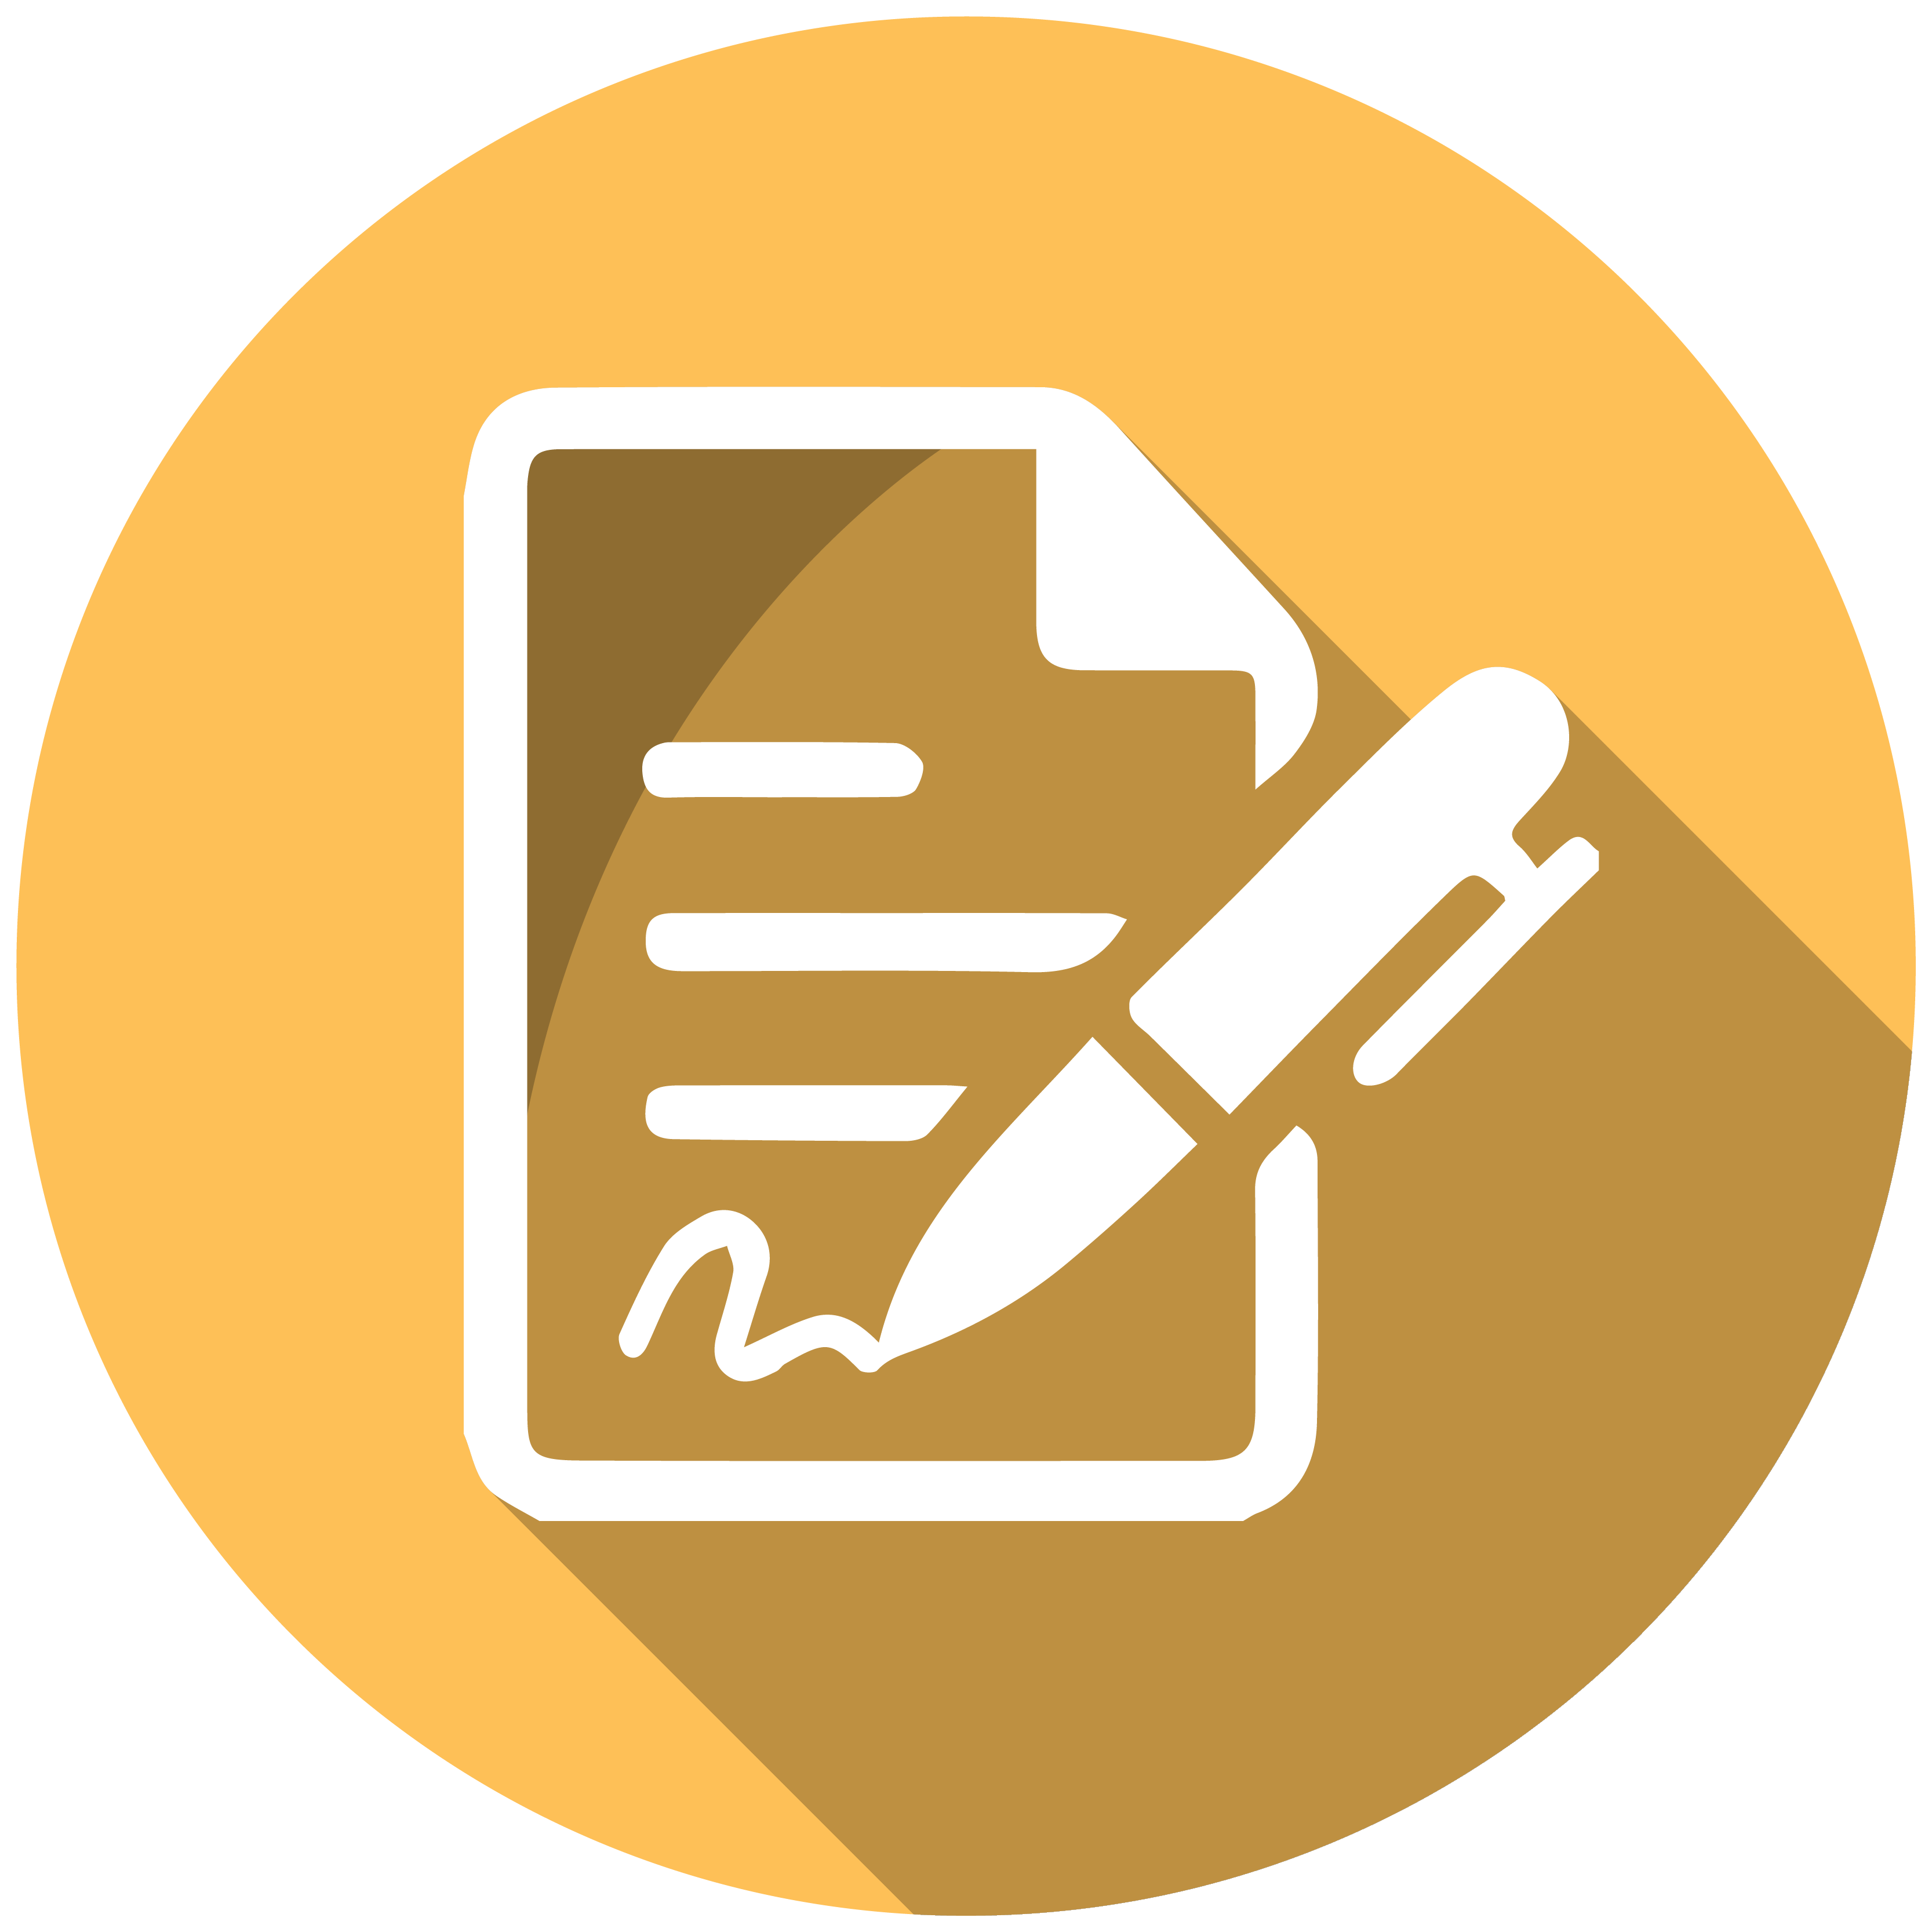 ترجمه مقاله نقش ابعاد جهت گیری استراتژیک شرکت در تعیین بازارگرایی